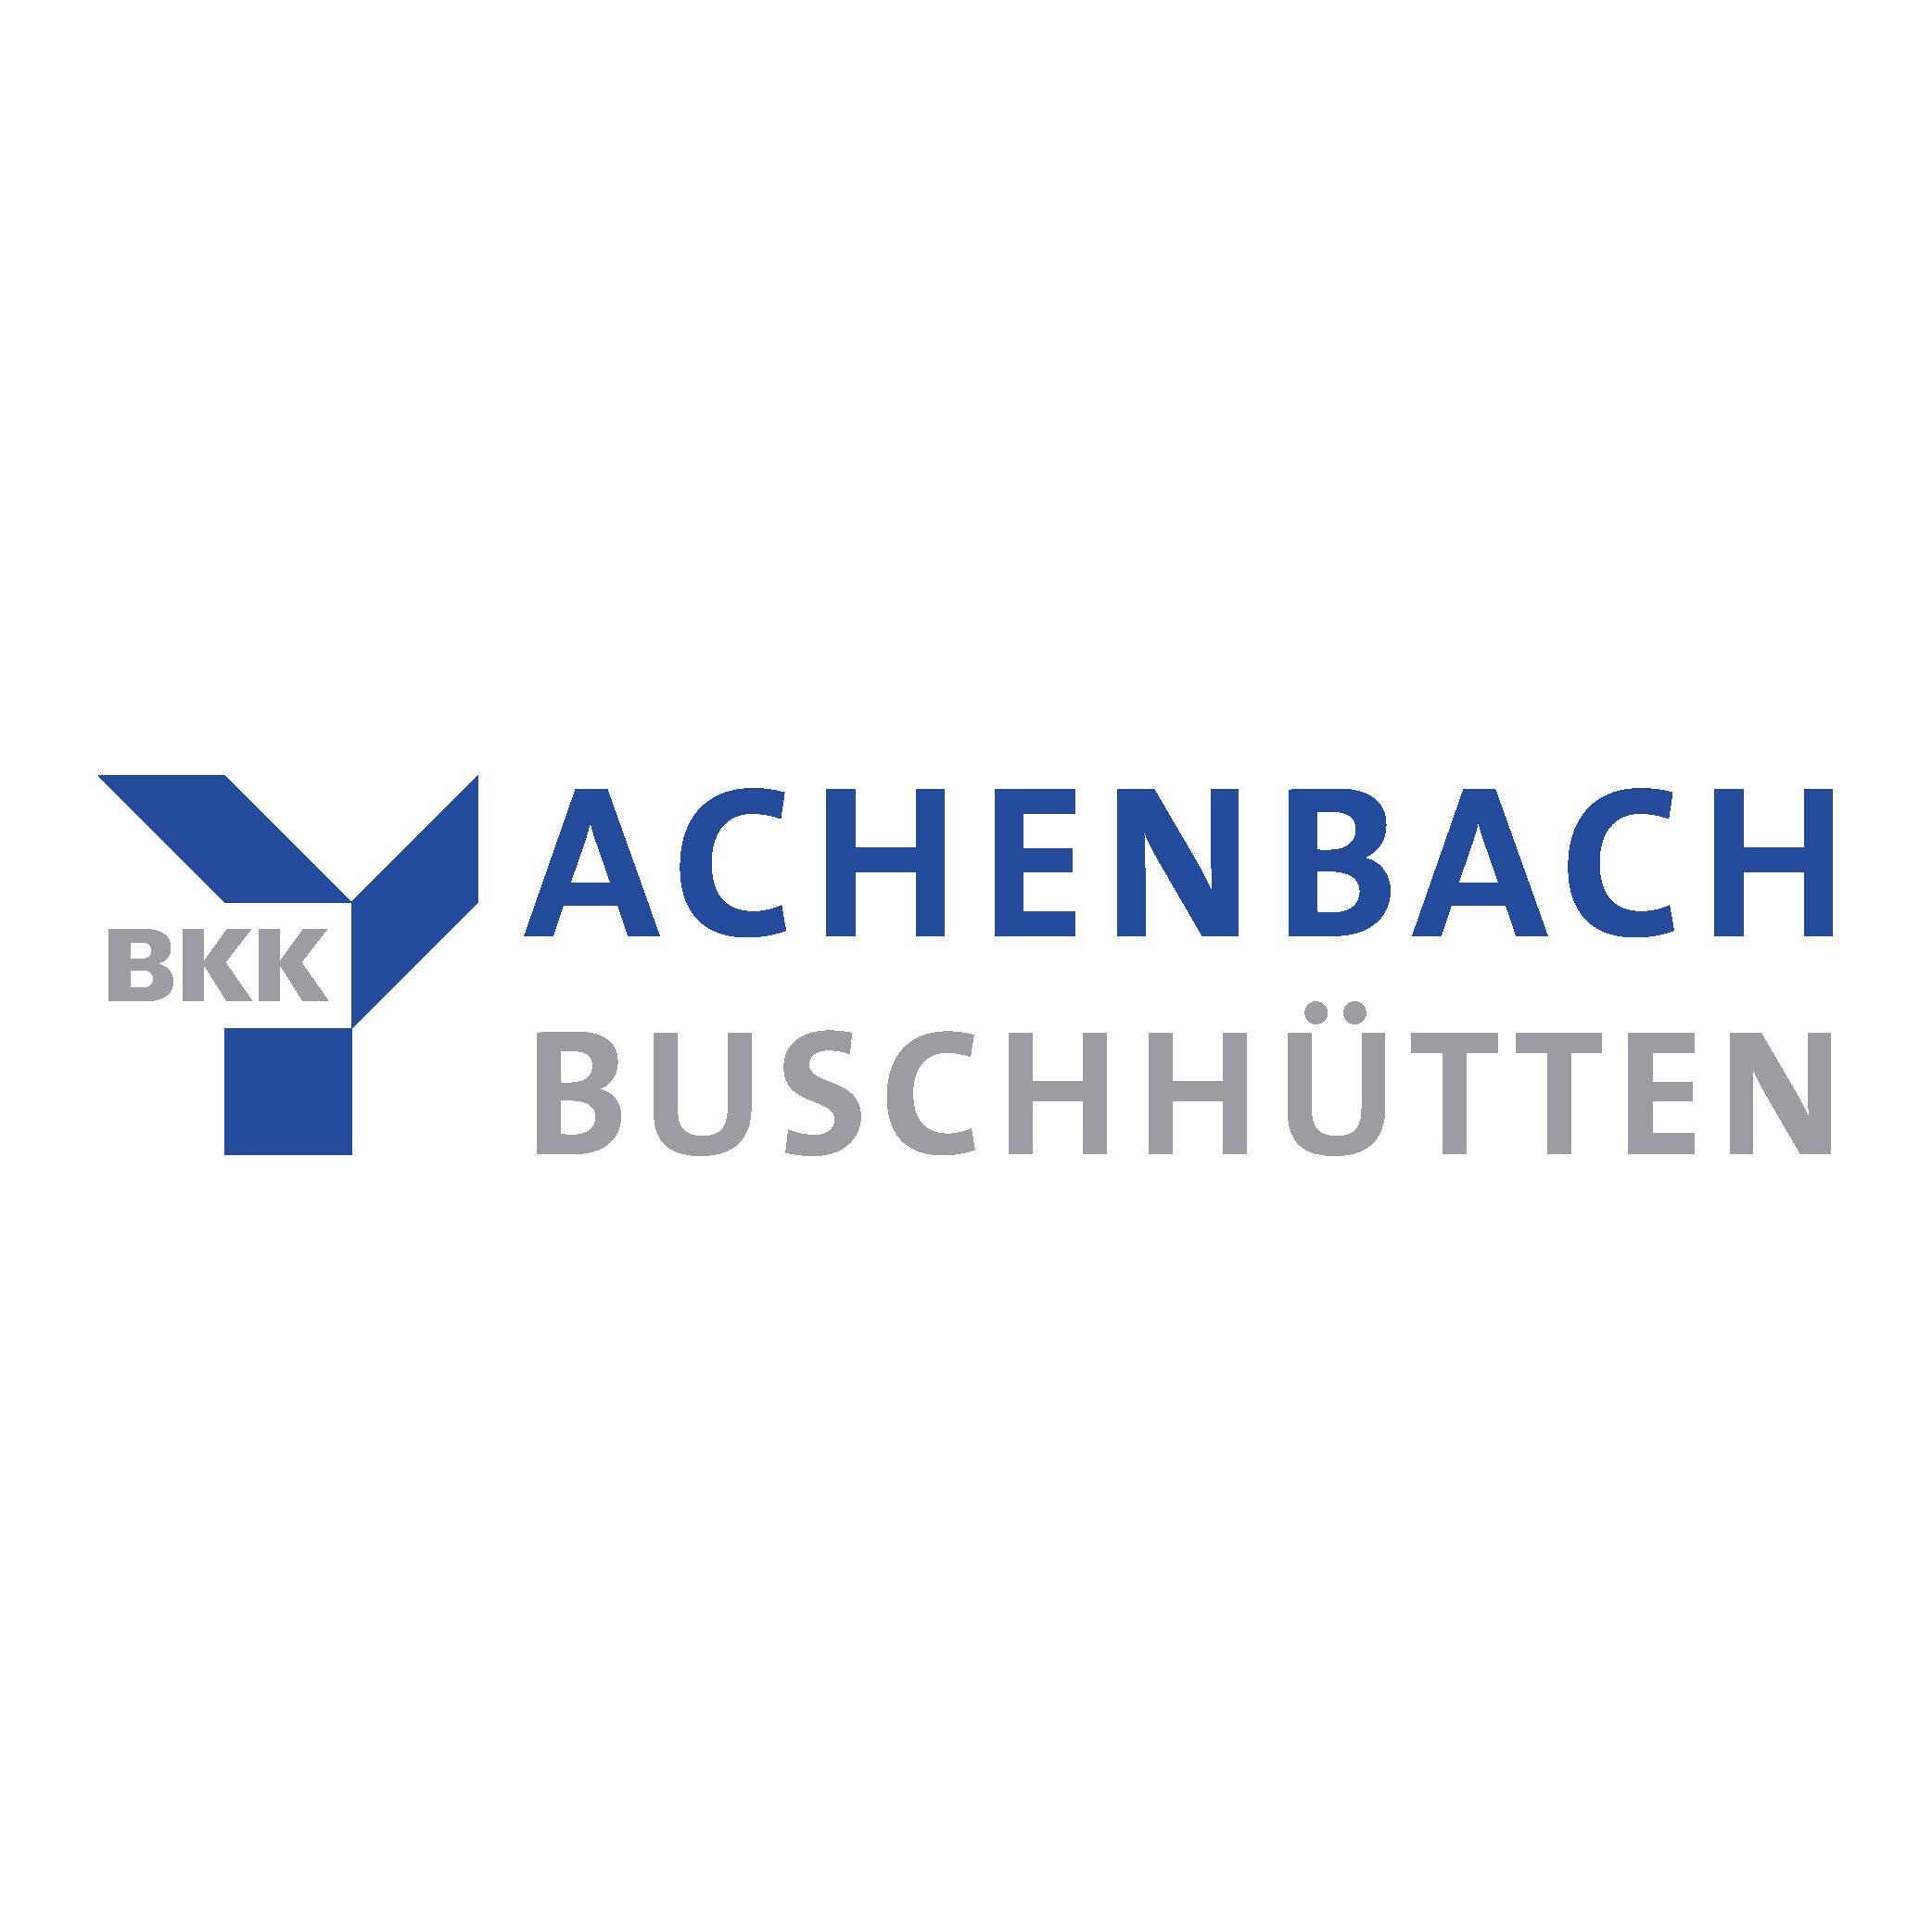 Markenzeichen der BKK Achenbach Buschhütten